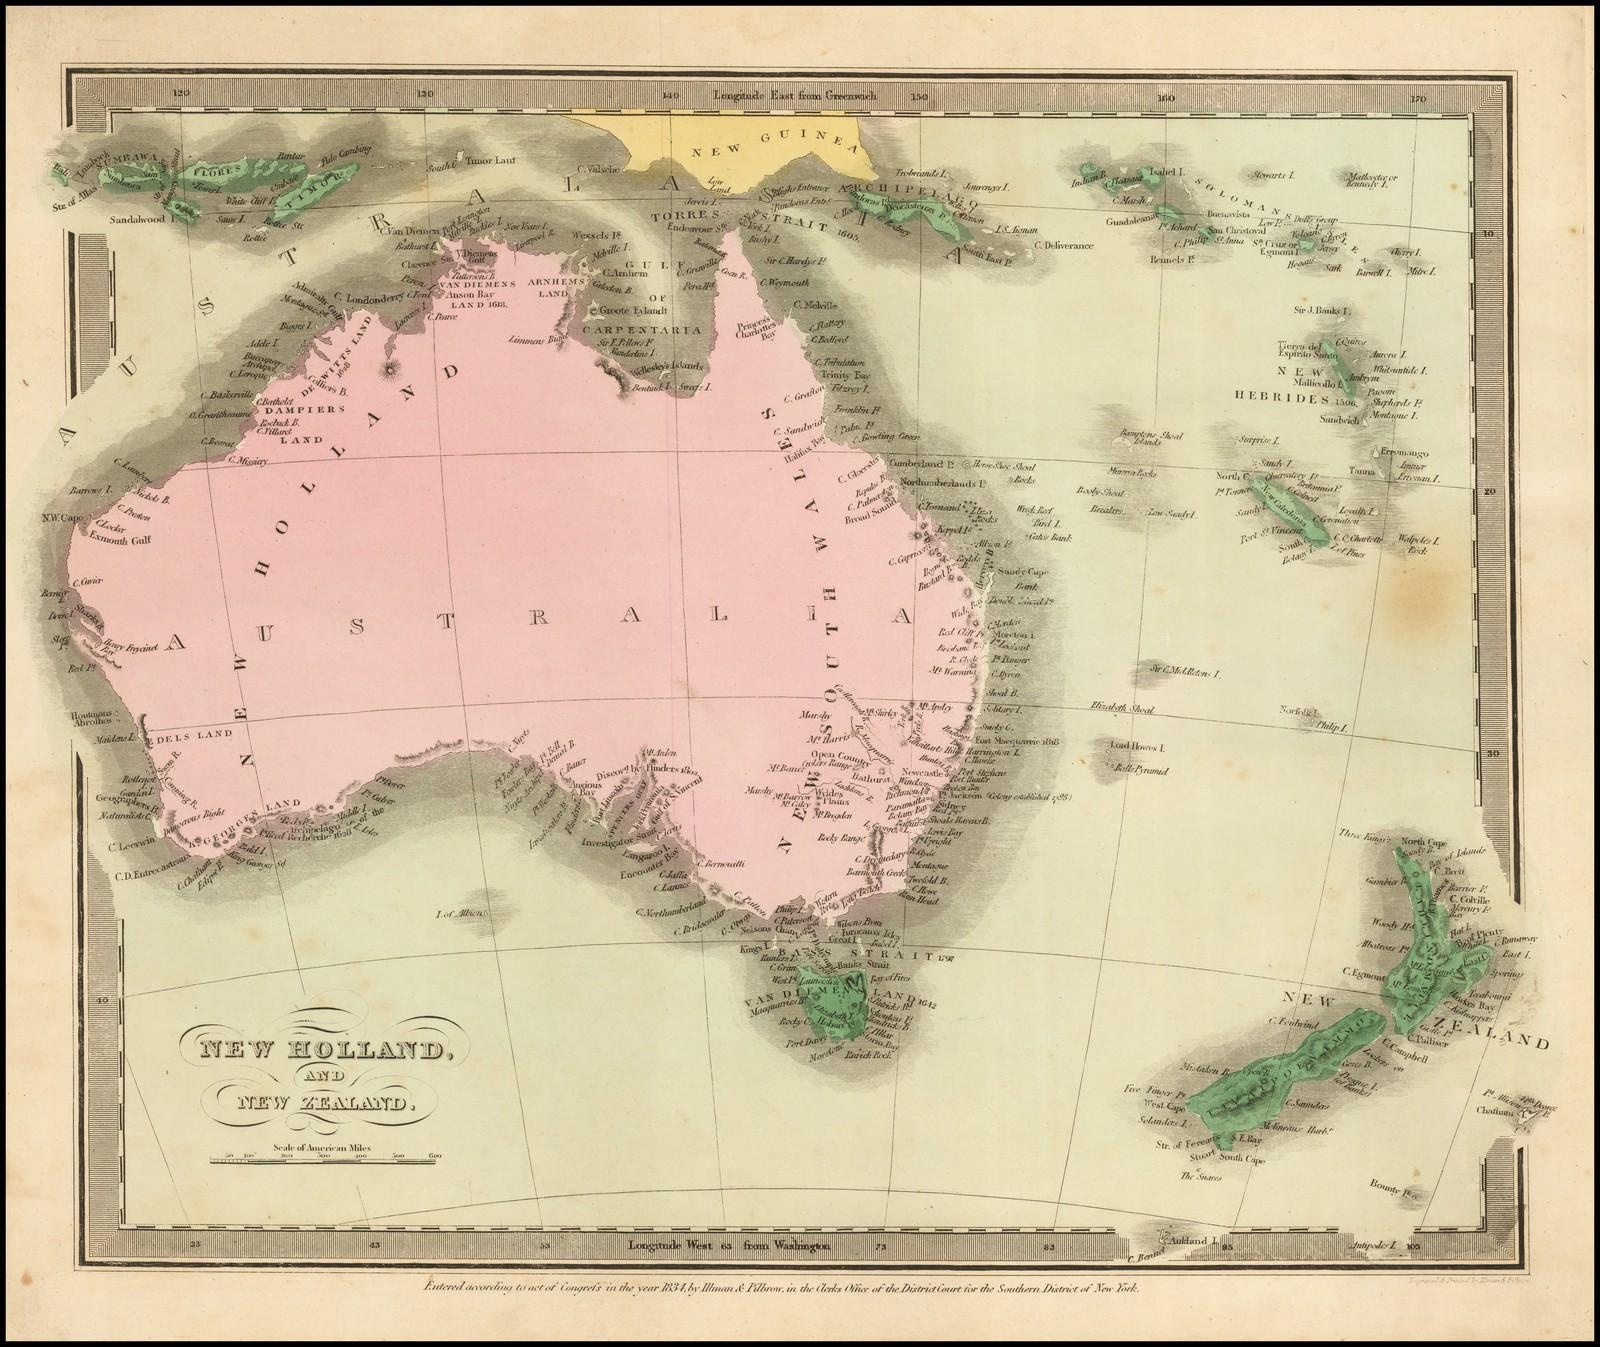 Редкая карта Австралии работы Дэвида Бурра 1835 года